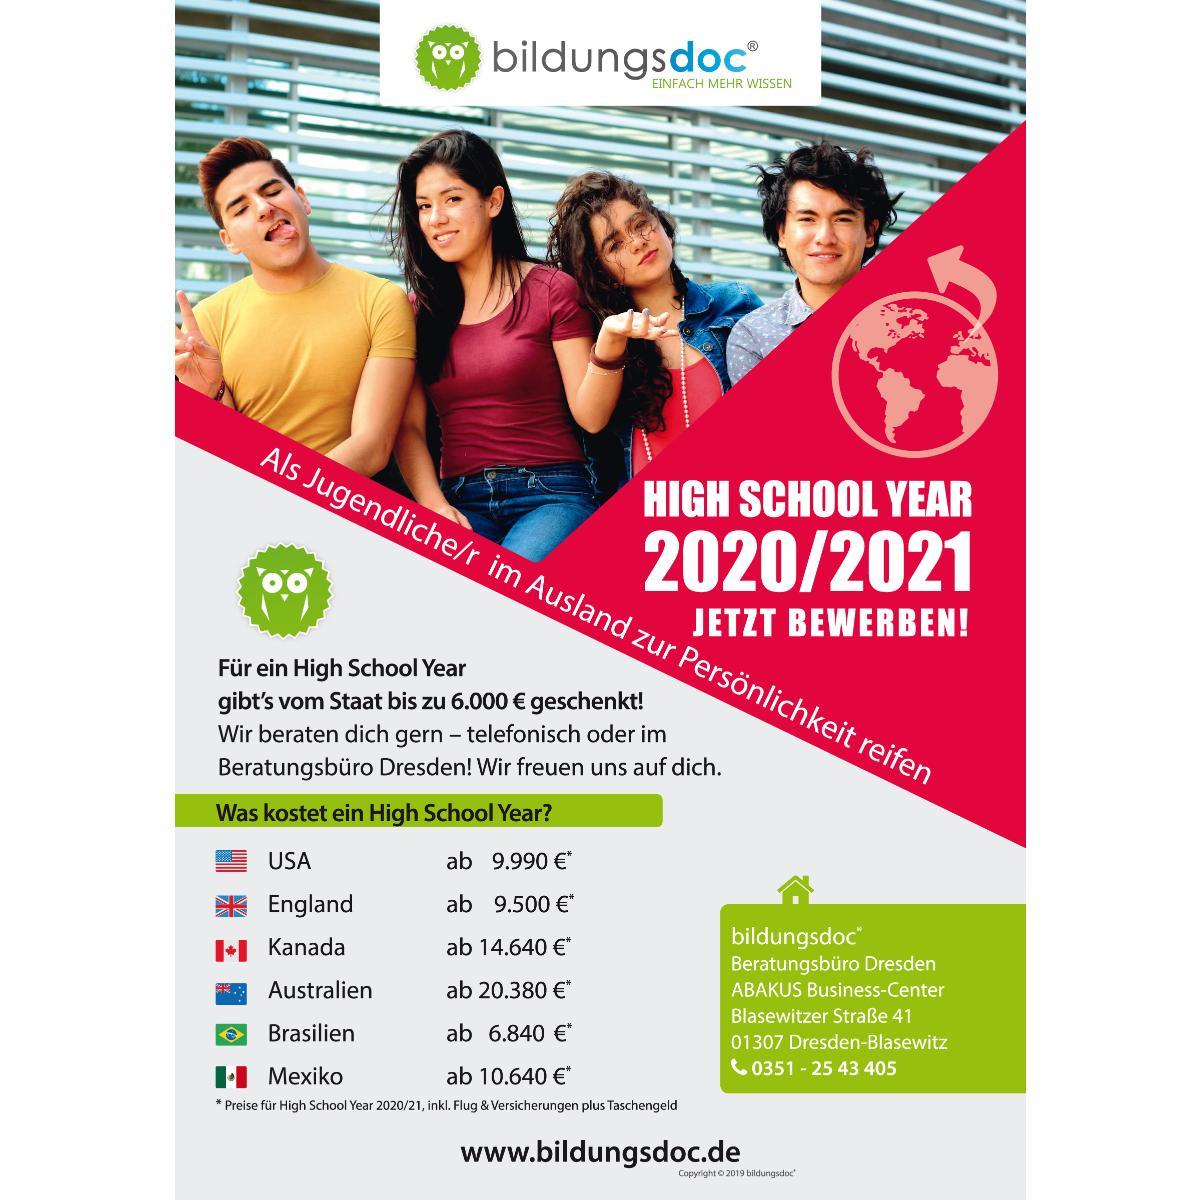 bildungsdoc® - Agentur für Sprachen & Bildung im Ausland